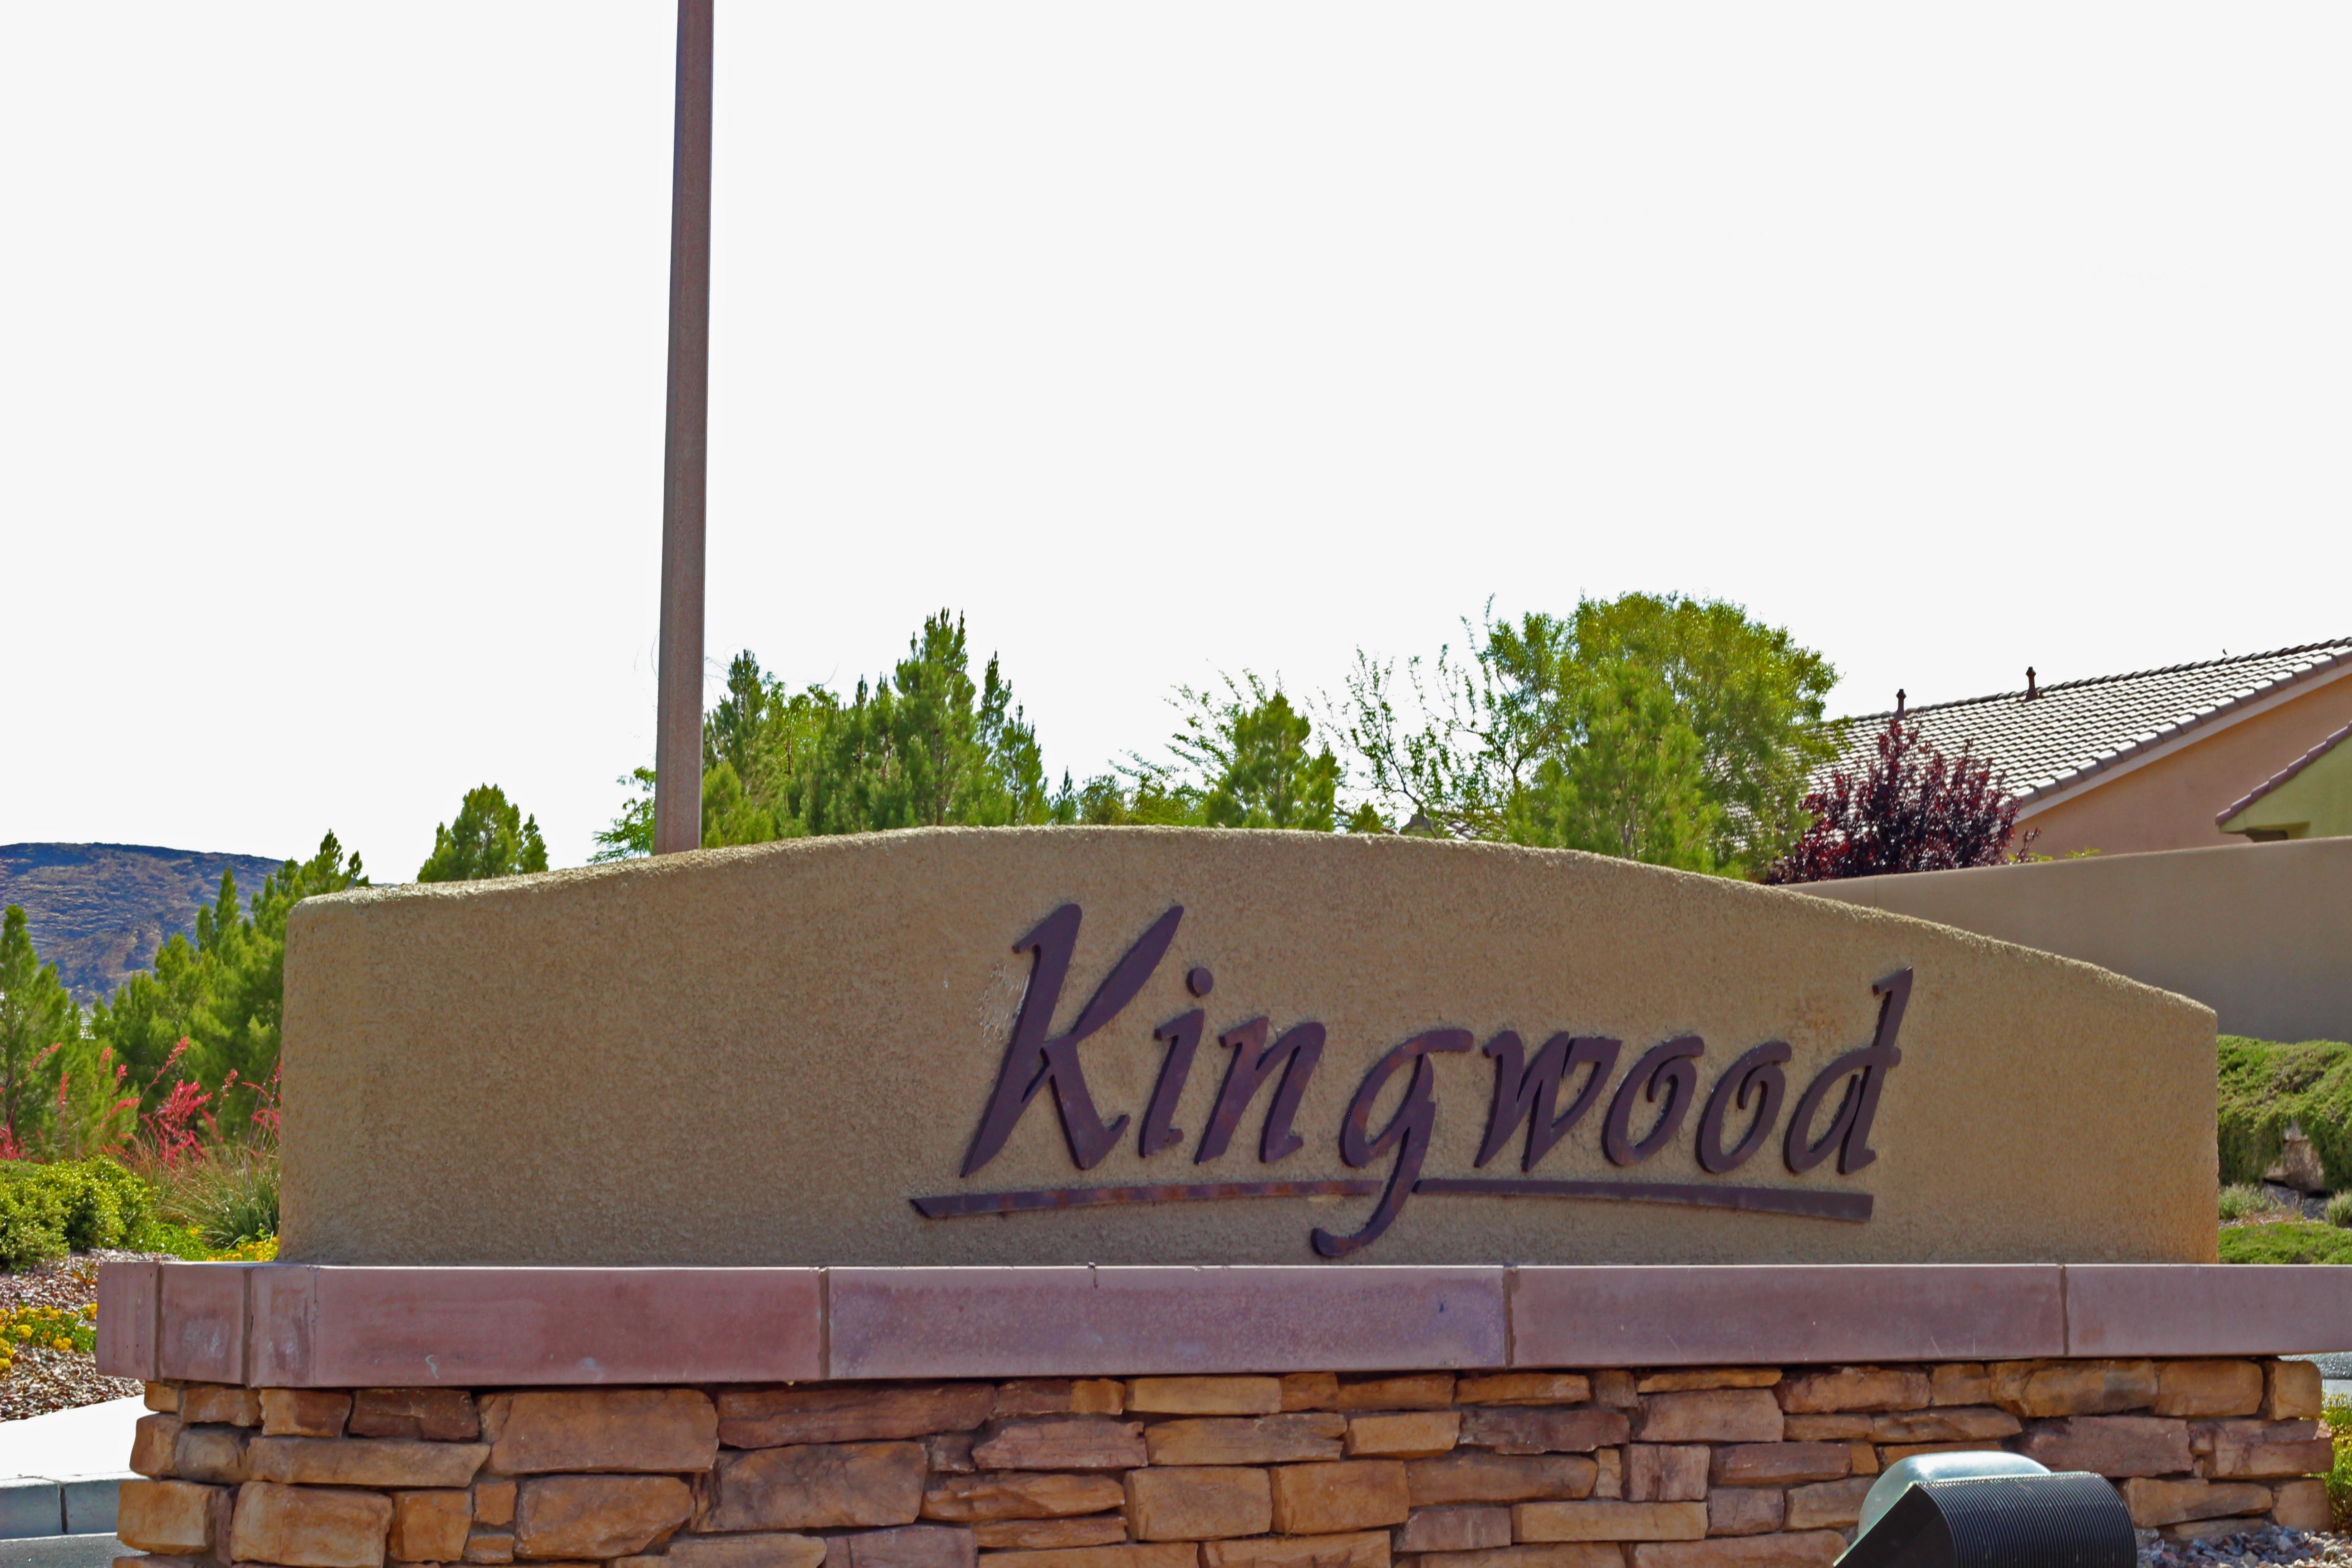 kingwood homes for sale summerlin the vistas las vegas real estate